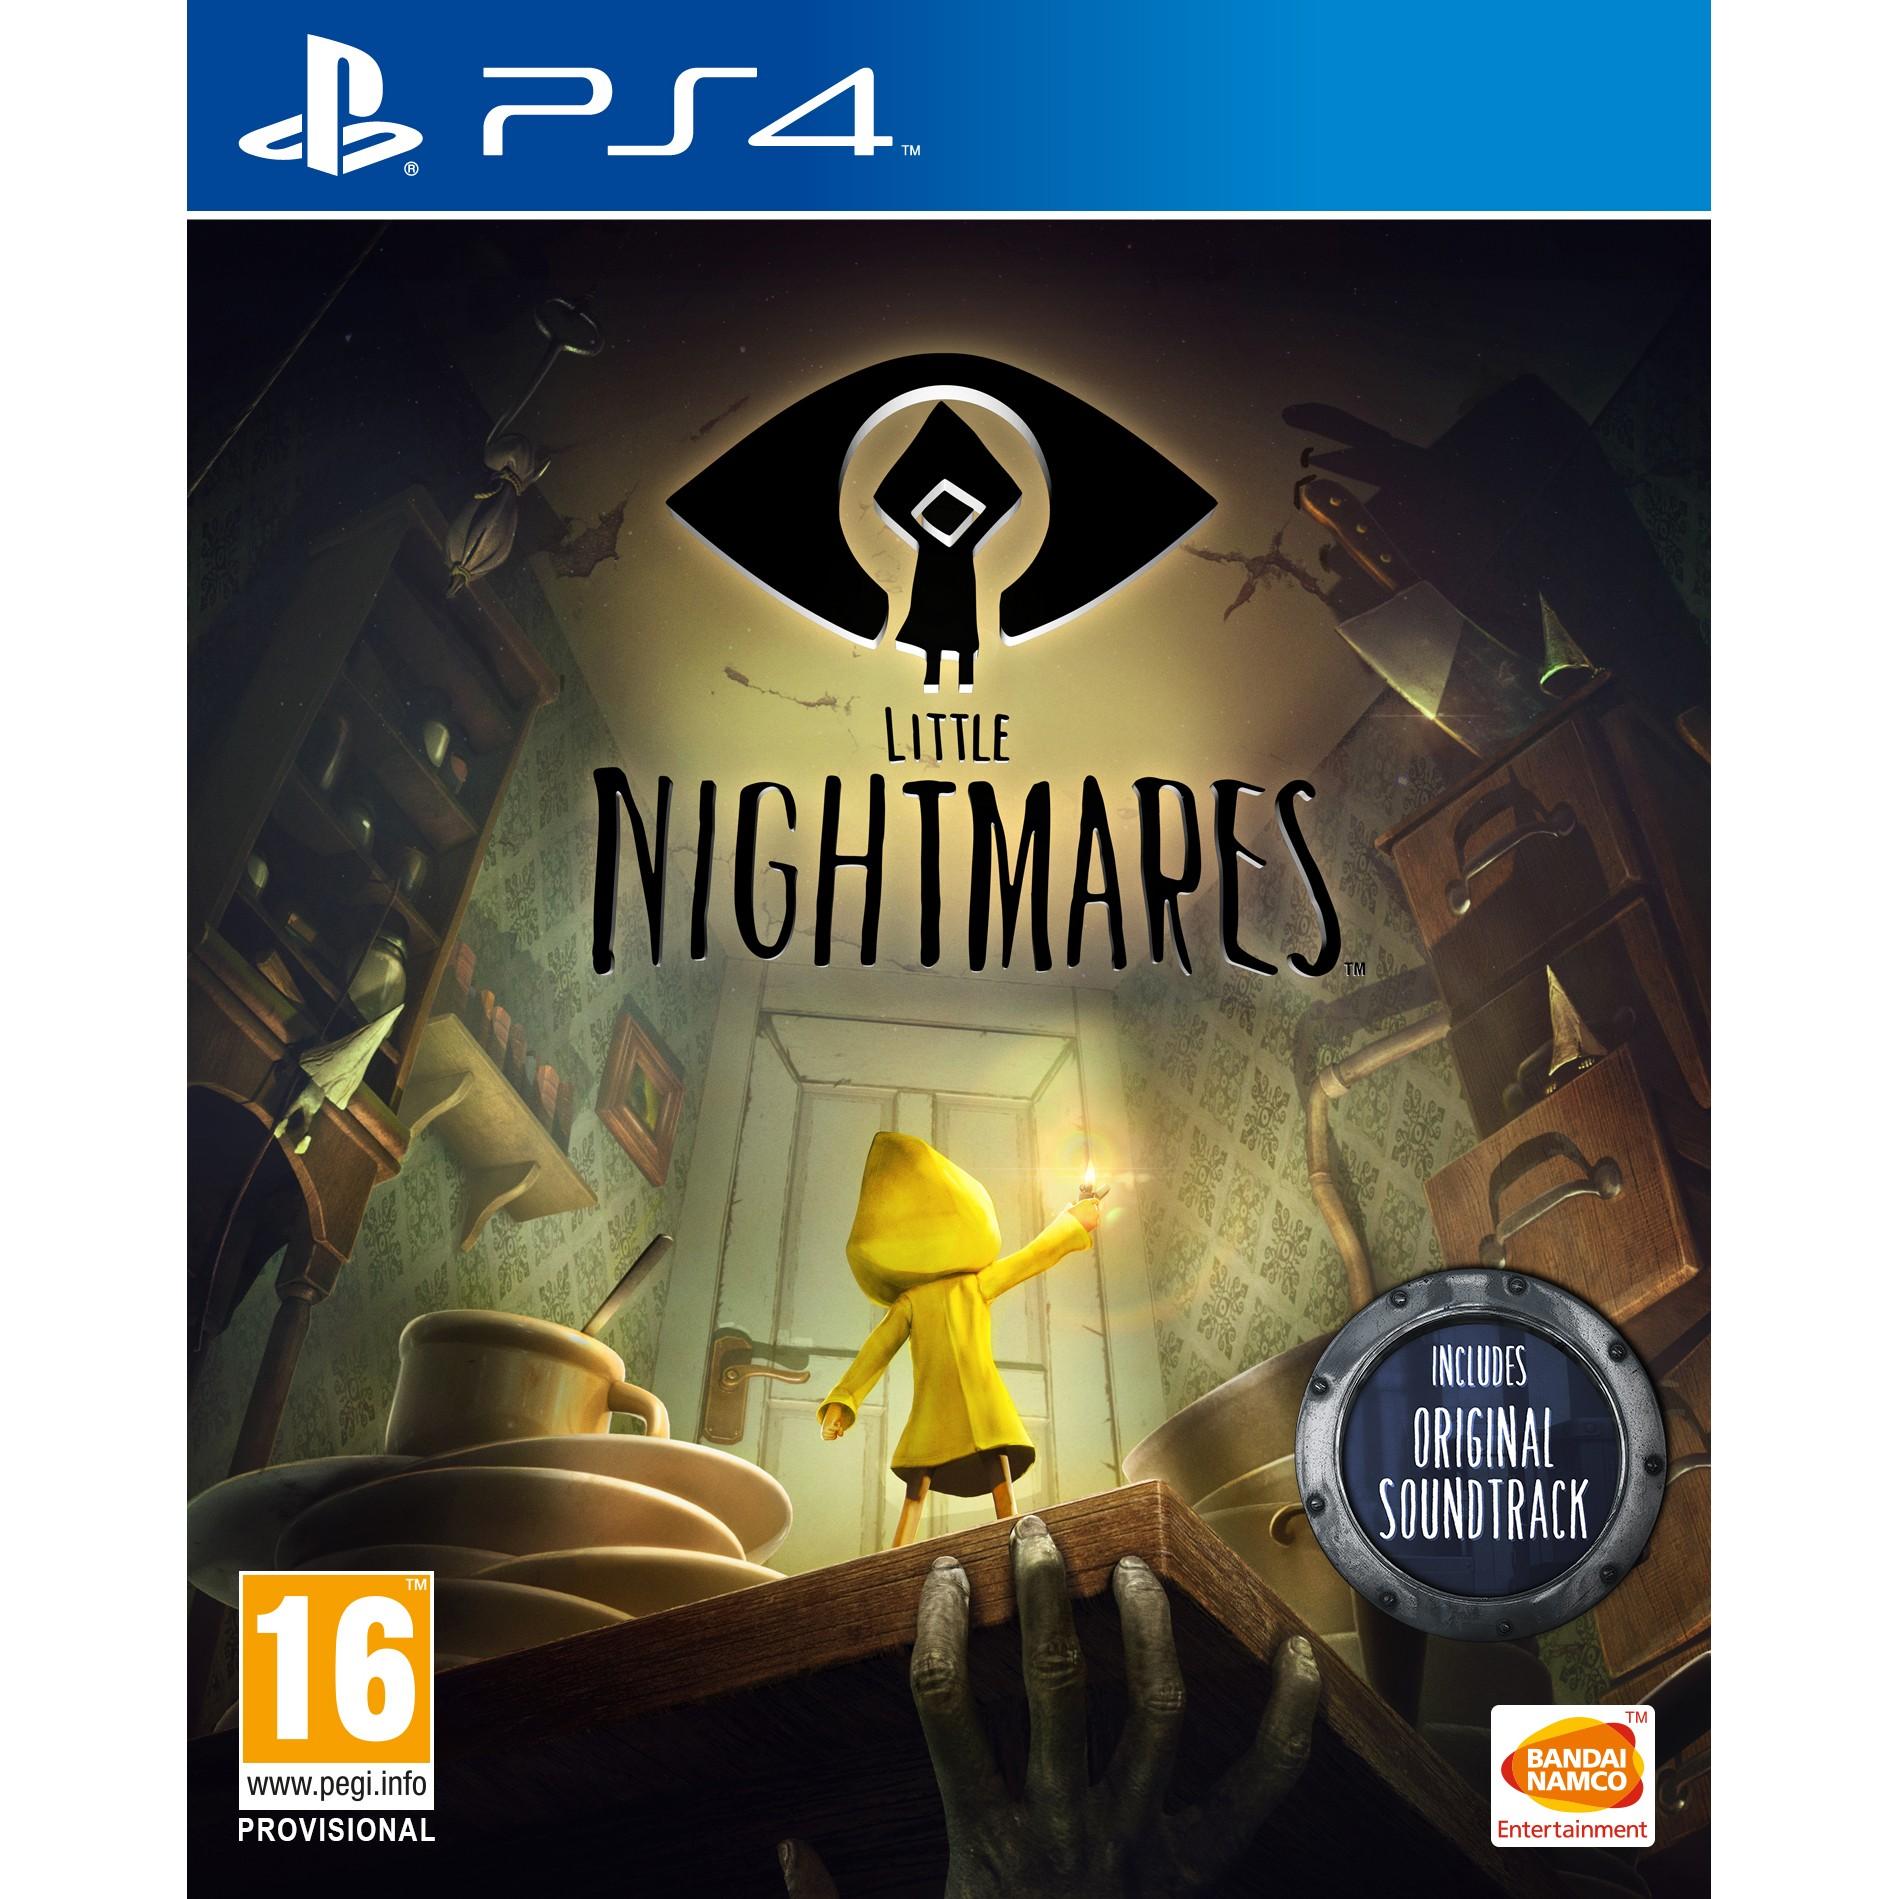 112341 : Little Nightmares (PS4)